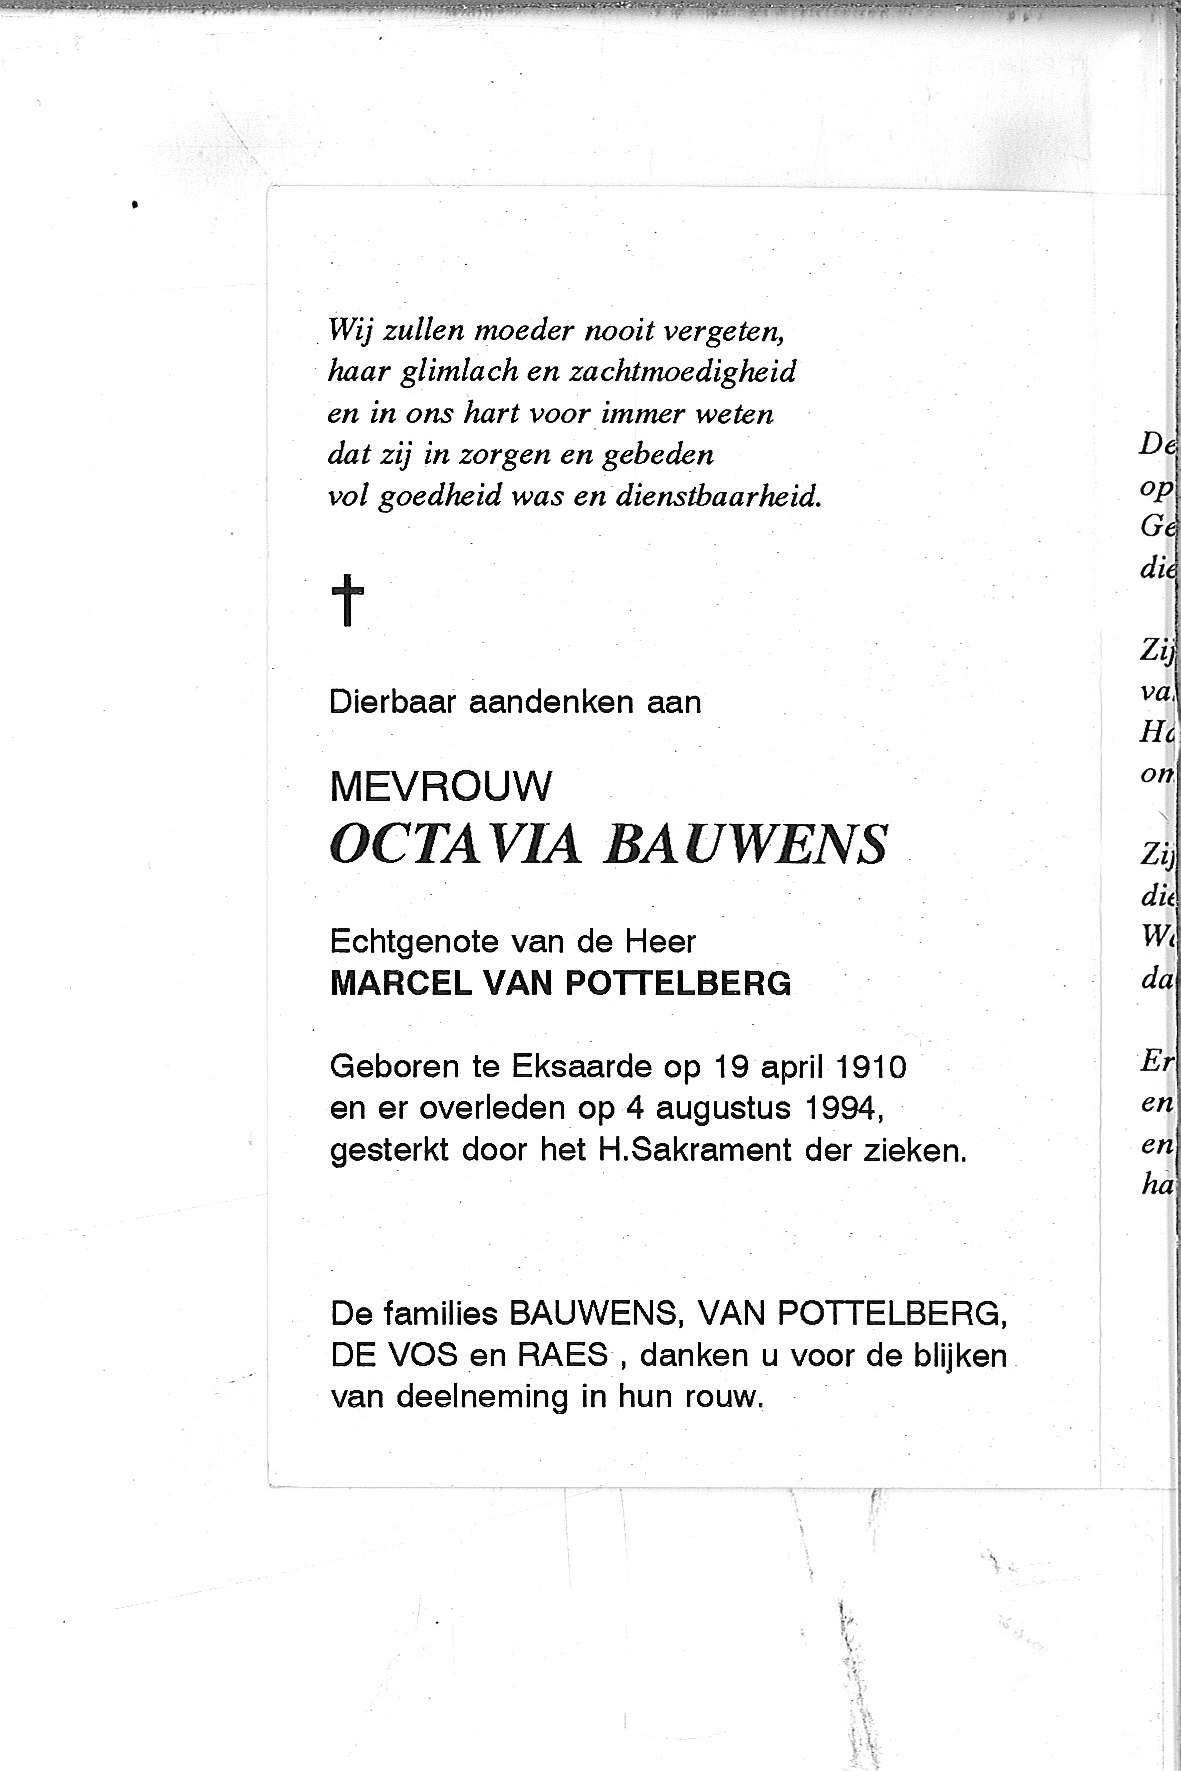 Octavia(1994)20130828133432_00054.jpg